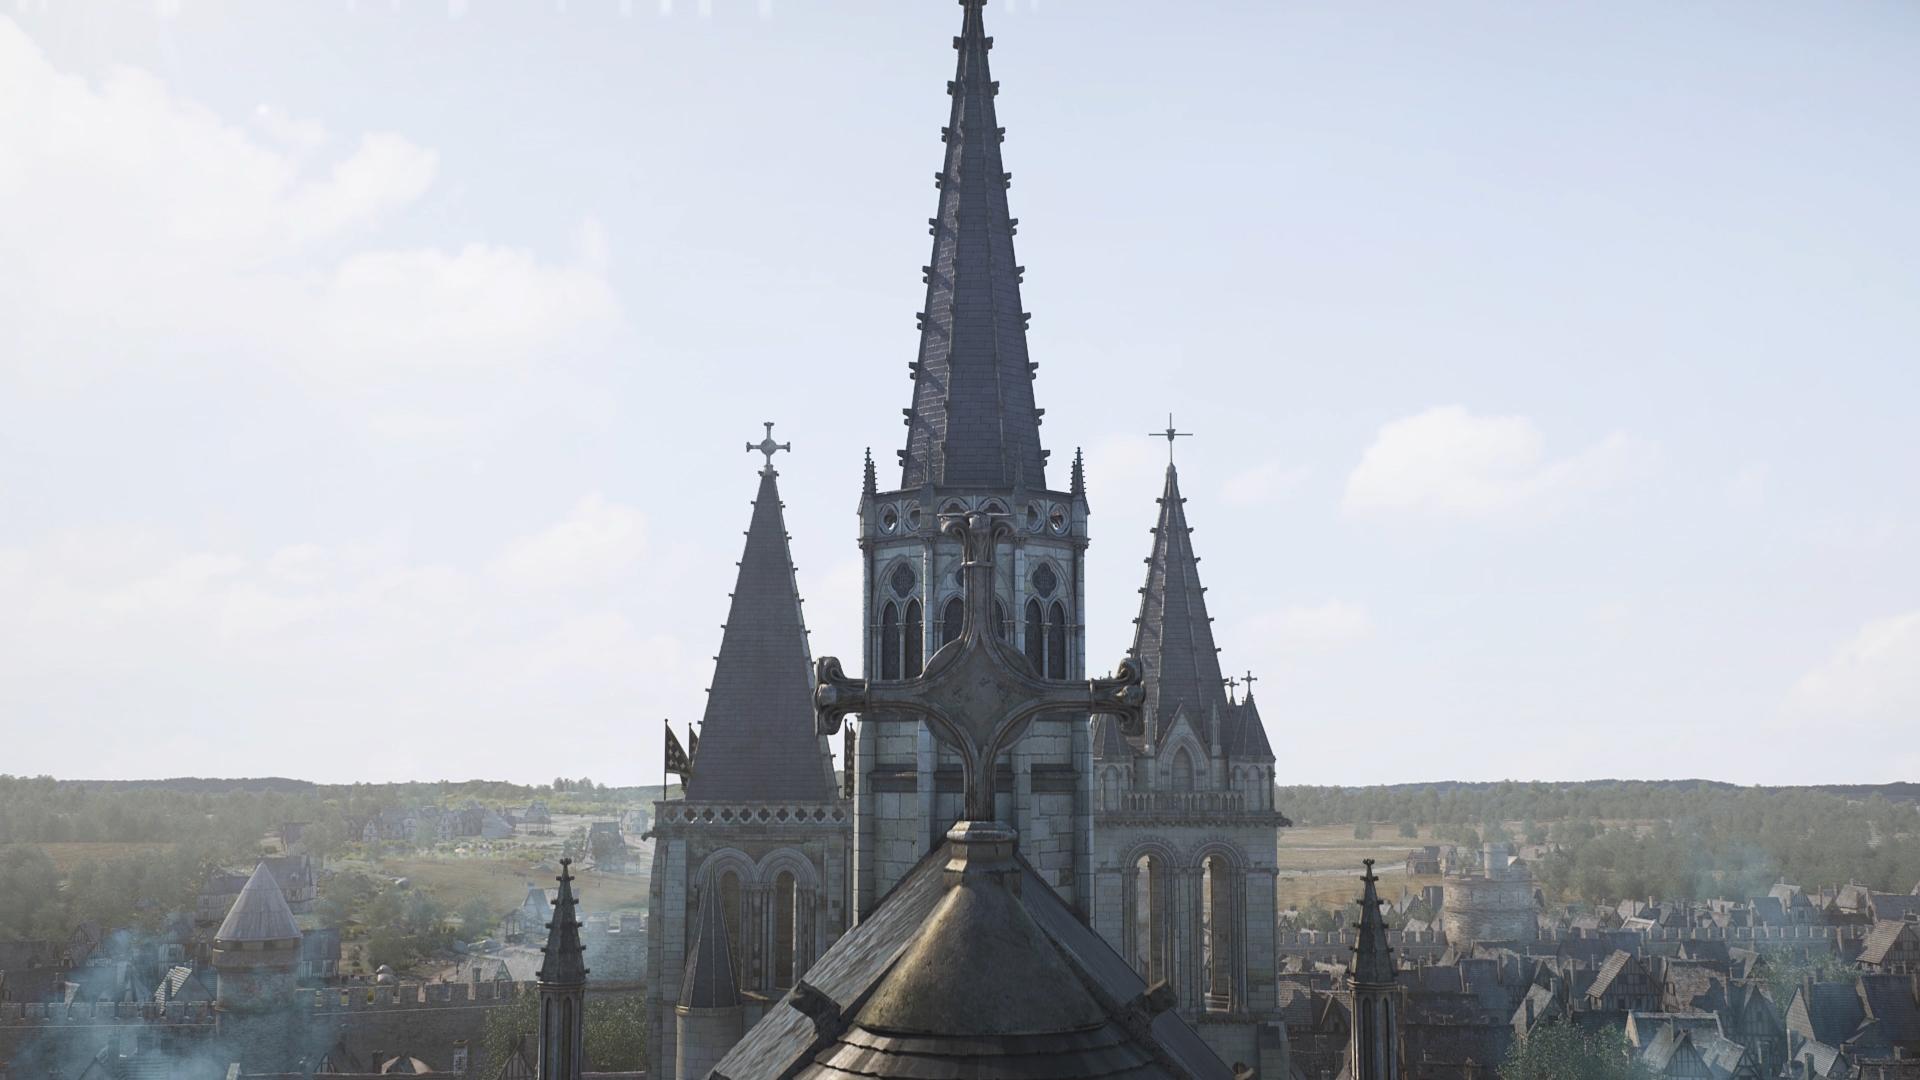 Modélisation 3D de la Tour Charlemagne - Agence Dripmoon à Tours